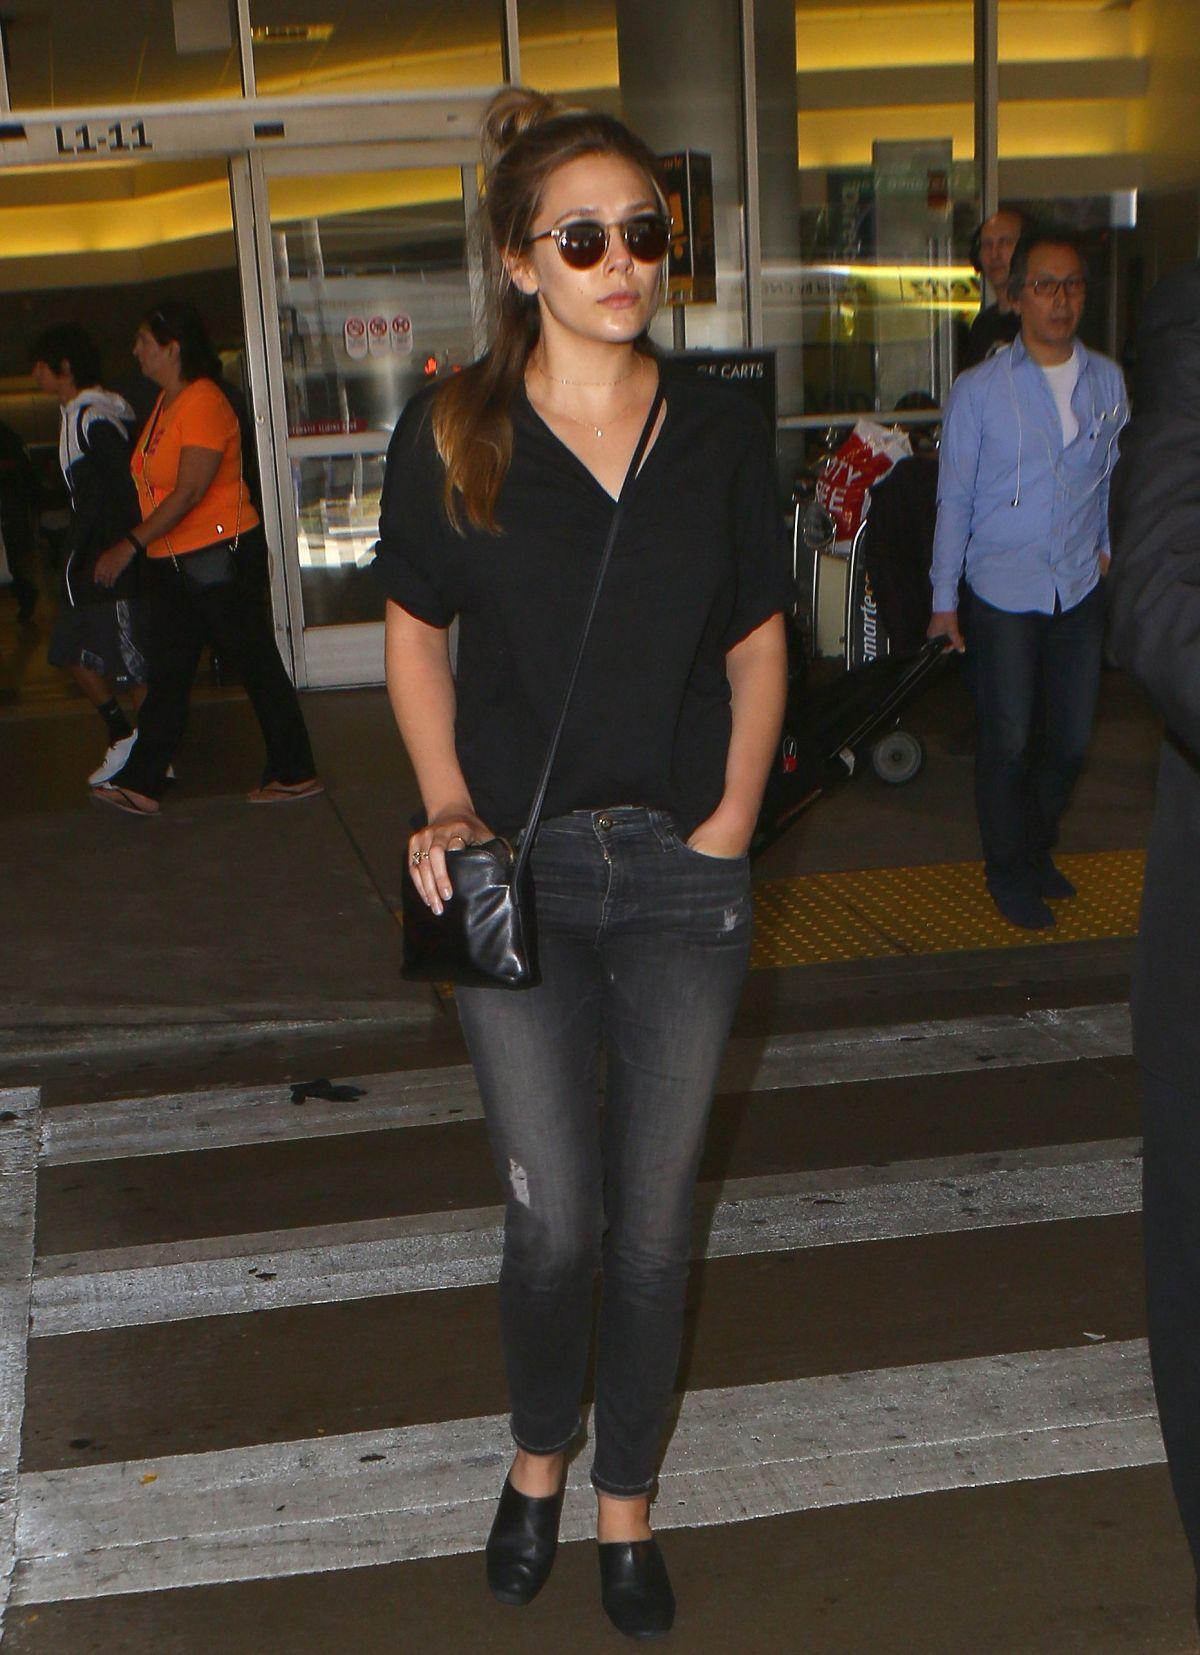 ELIZABETH OLSEN at Los Angeles International Airport 06/07/2016